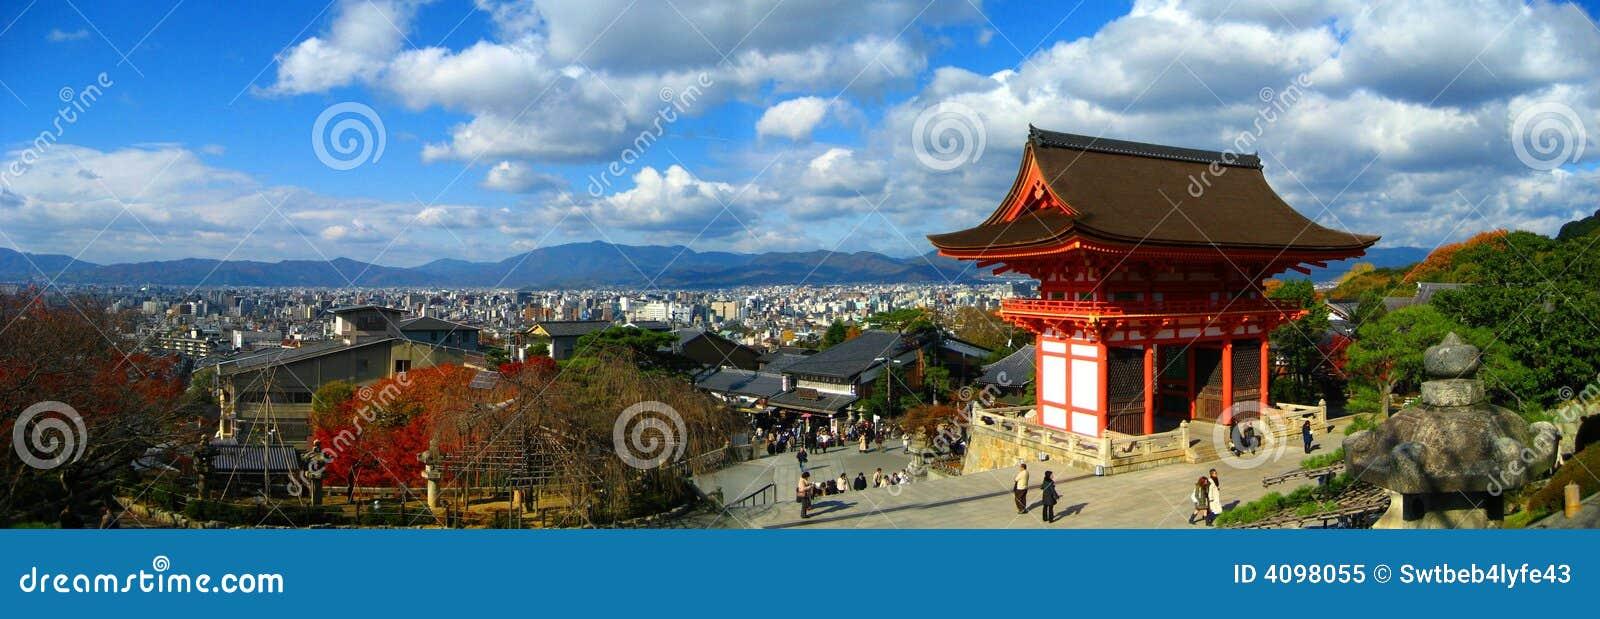 Dery kiyomizu panoramiczna świątyni